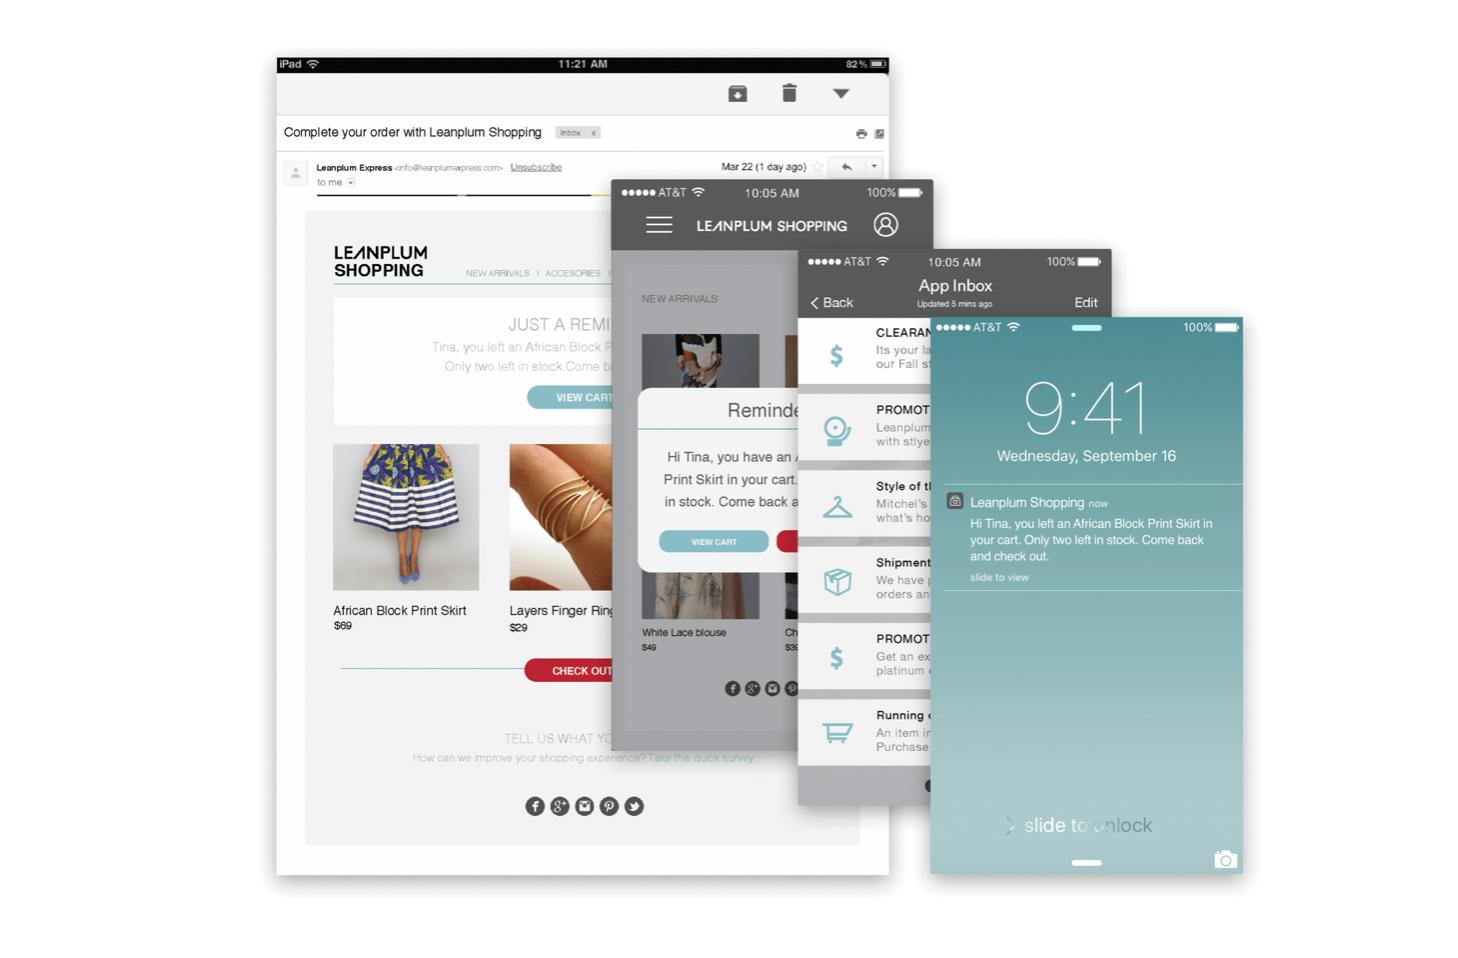 Match Group's Mobile Marketing Platform Leanplum Raises $47m Series D